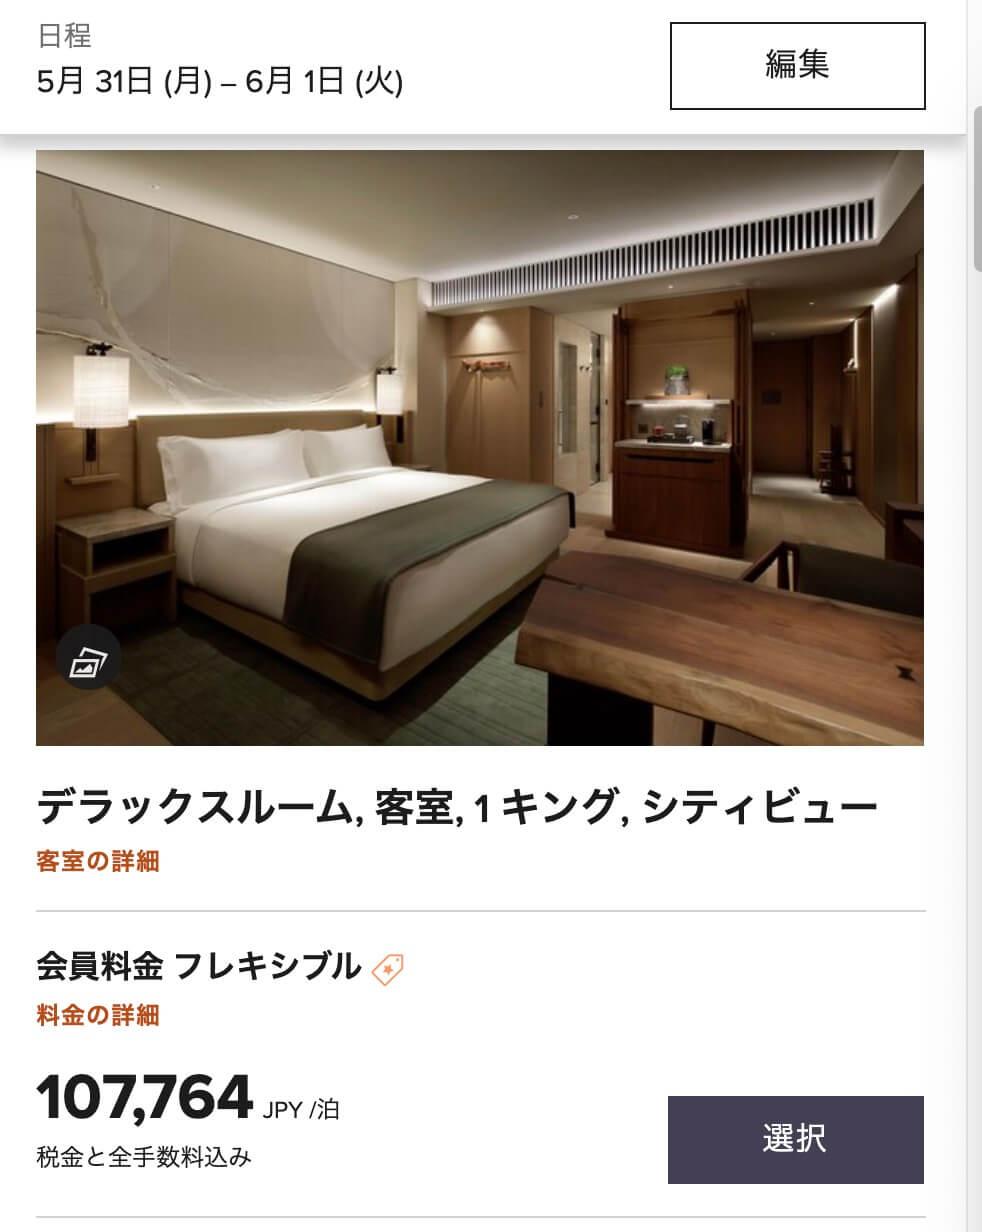 ホテルザ三井京都10万円